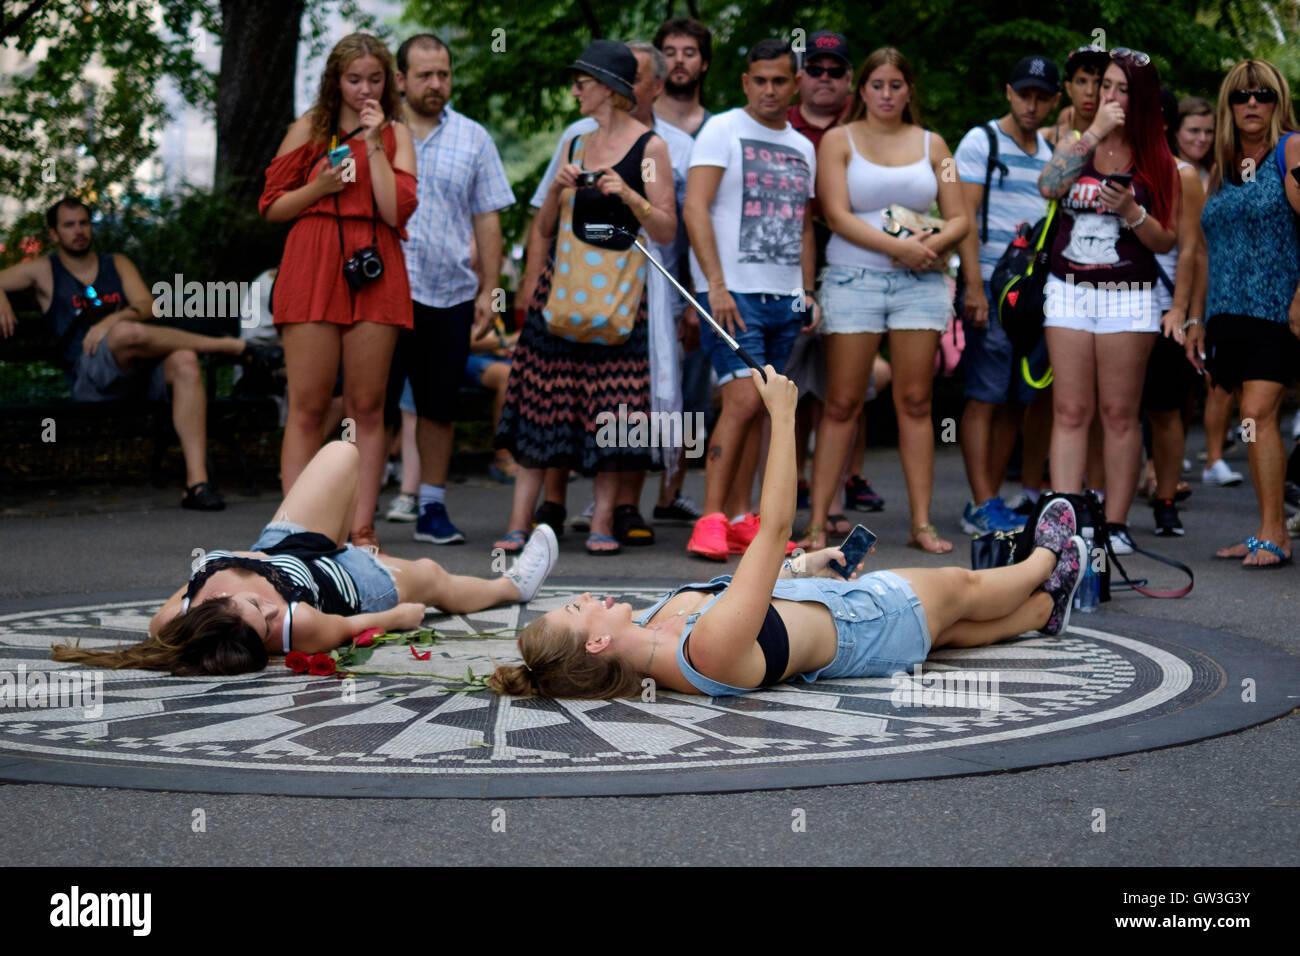 Dos mujeres jóvenes (jóvenes) sentar en el memorial de John Lennon imagine en Central Park y tomar un selfie. Otros Foto de stock